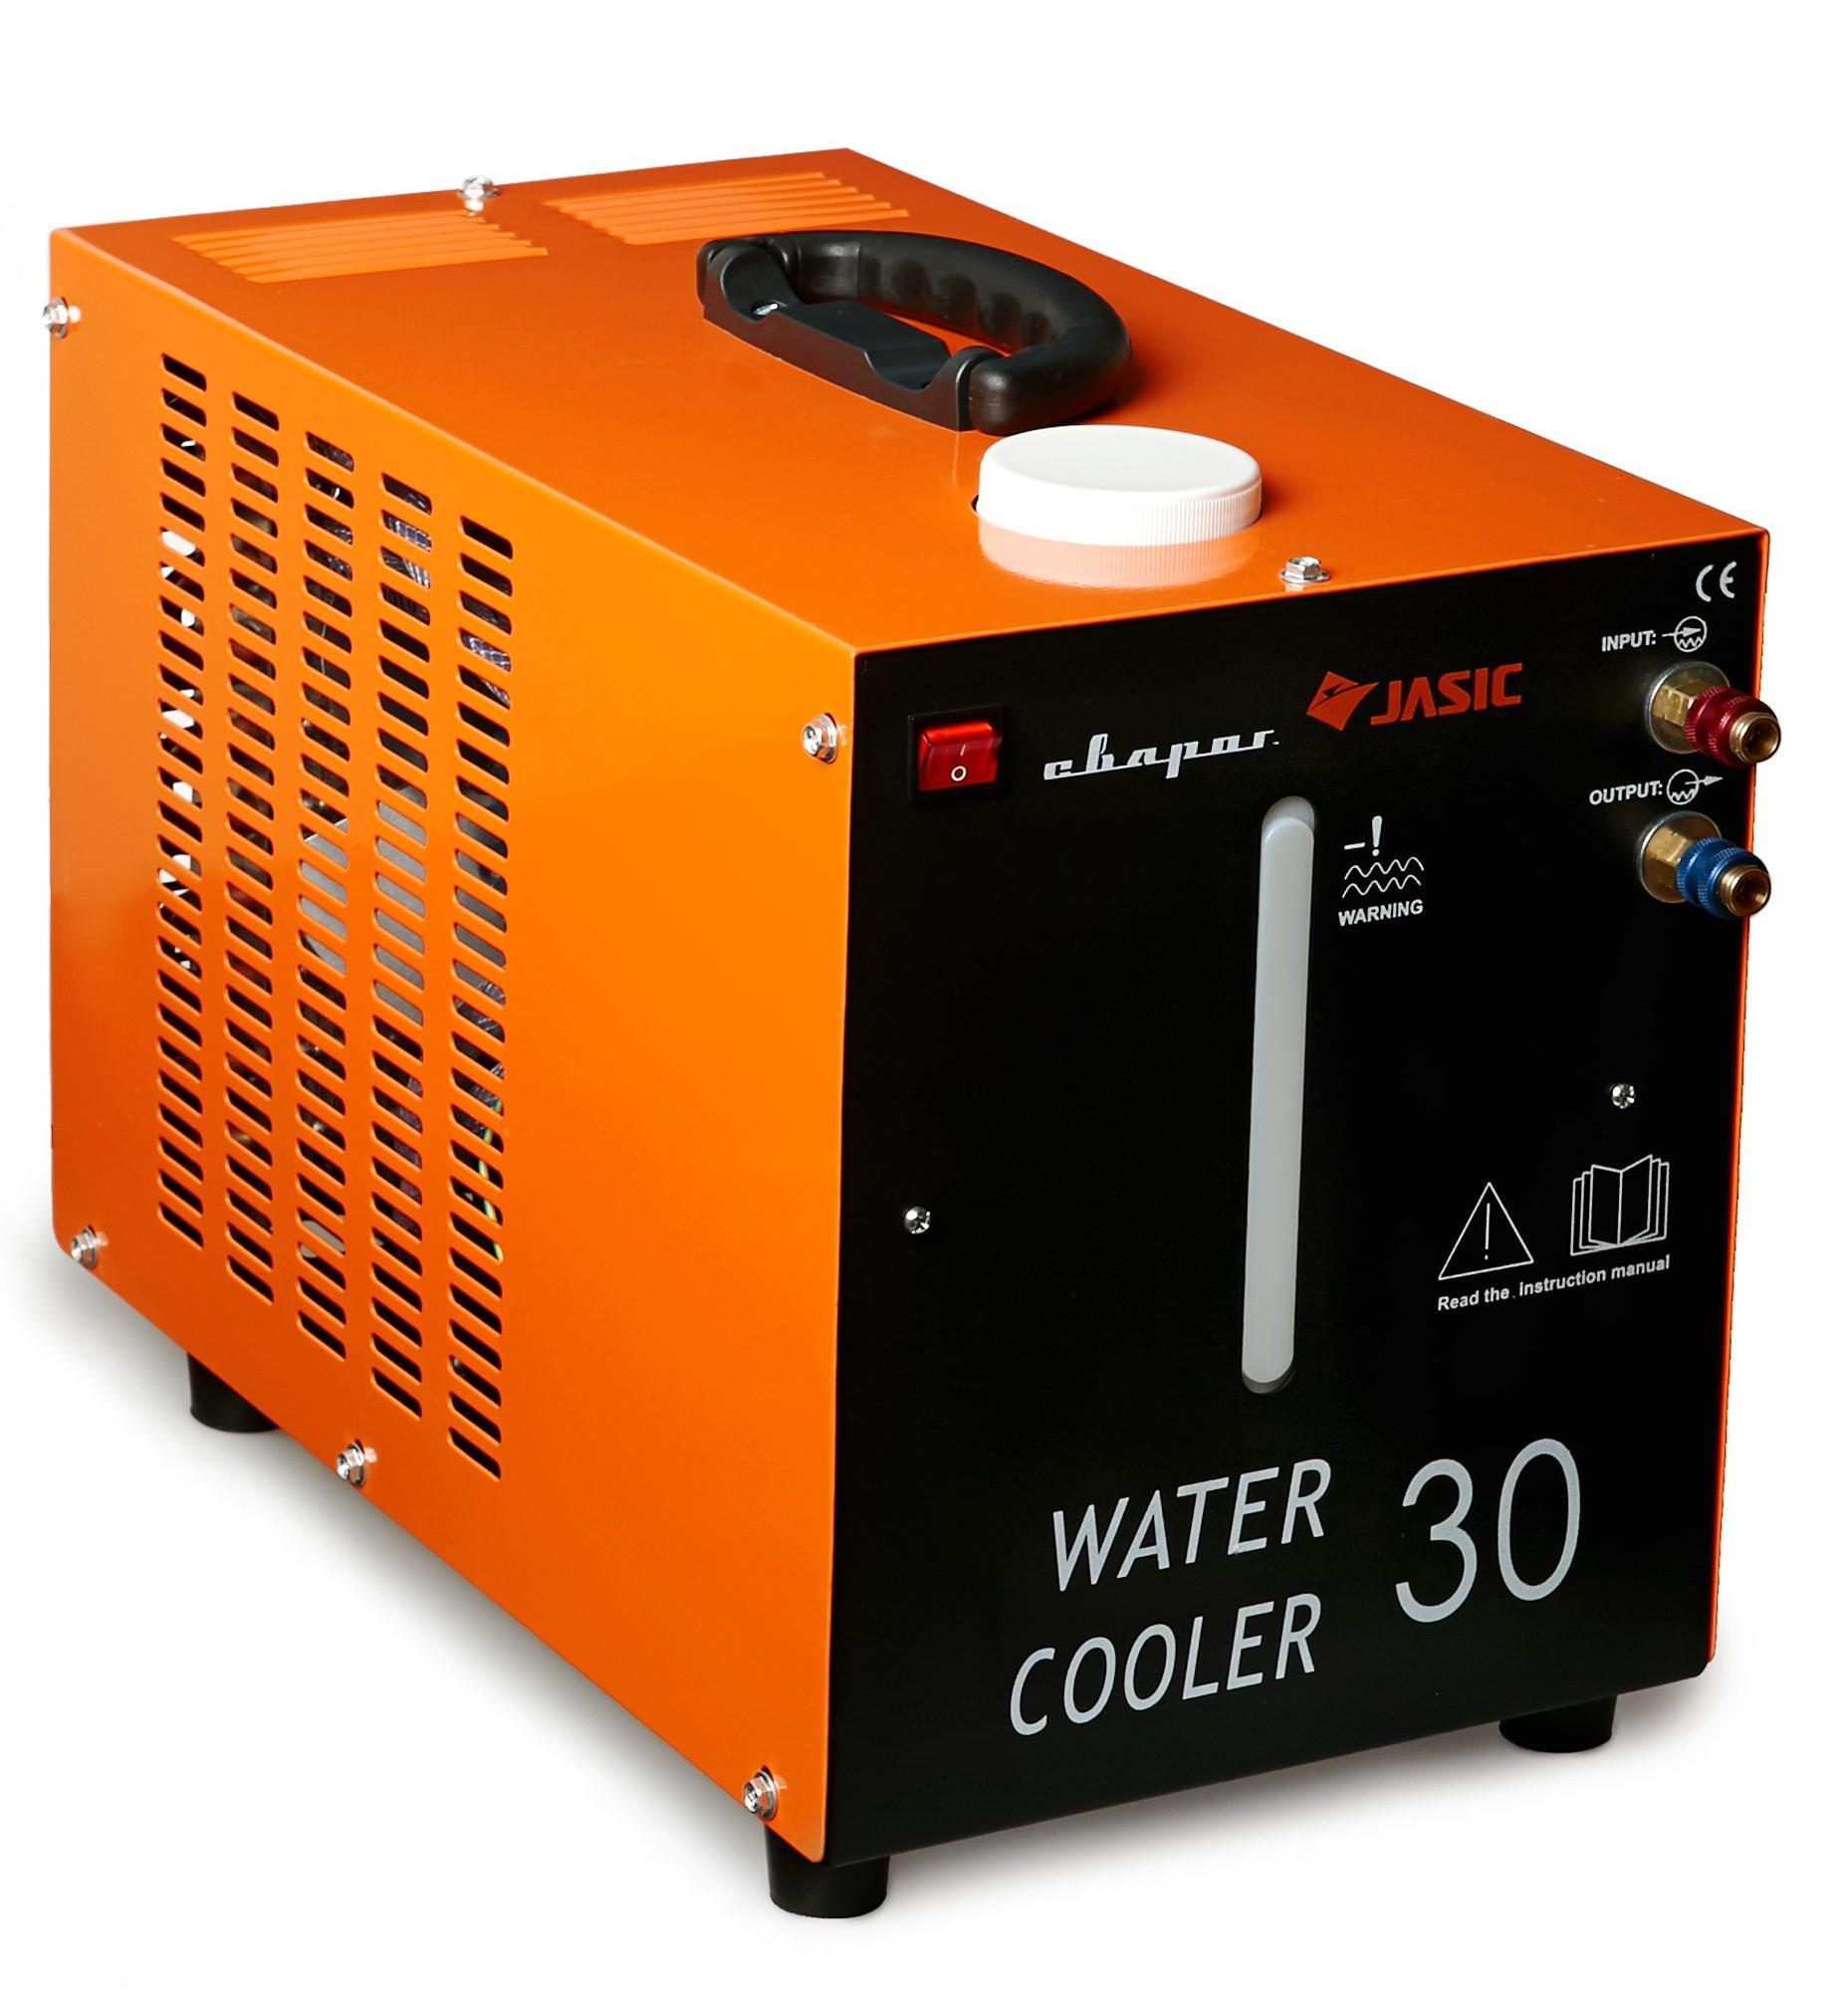 Блок водяного охлаждения СВАРОГ Water cooler 30 система водяного охлаждения kwb